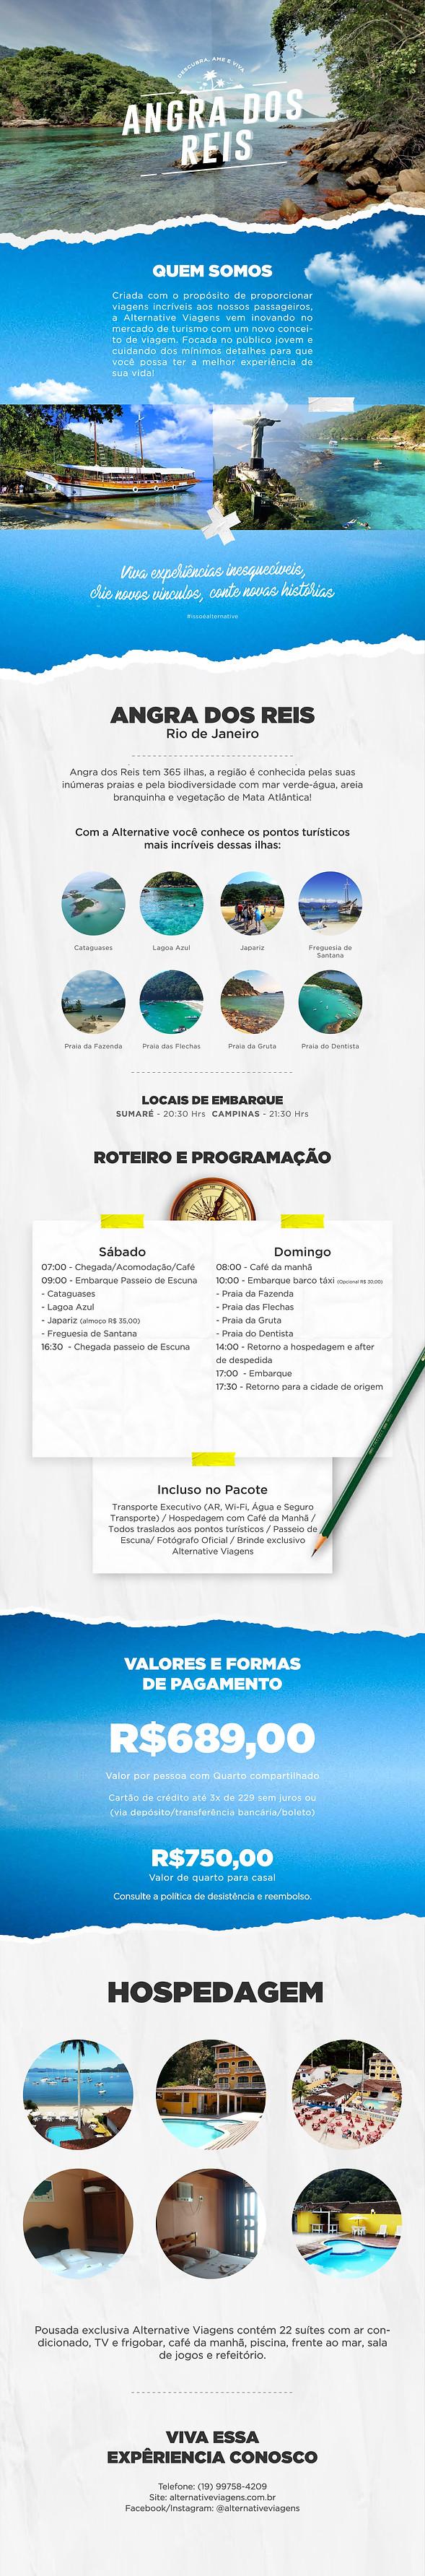 Angra dos Reis 2021_page-0001.jpg